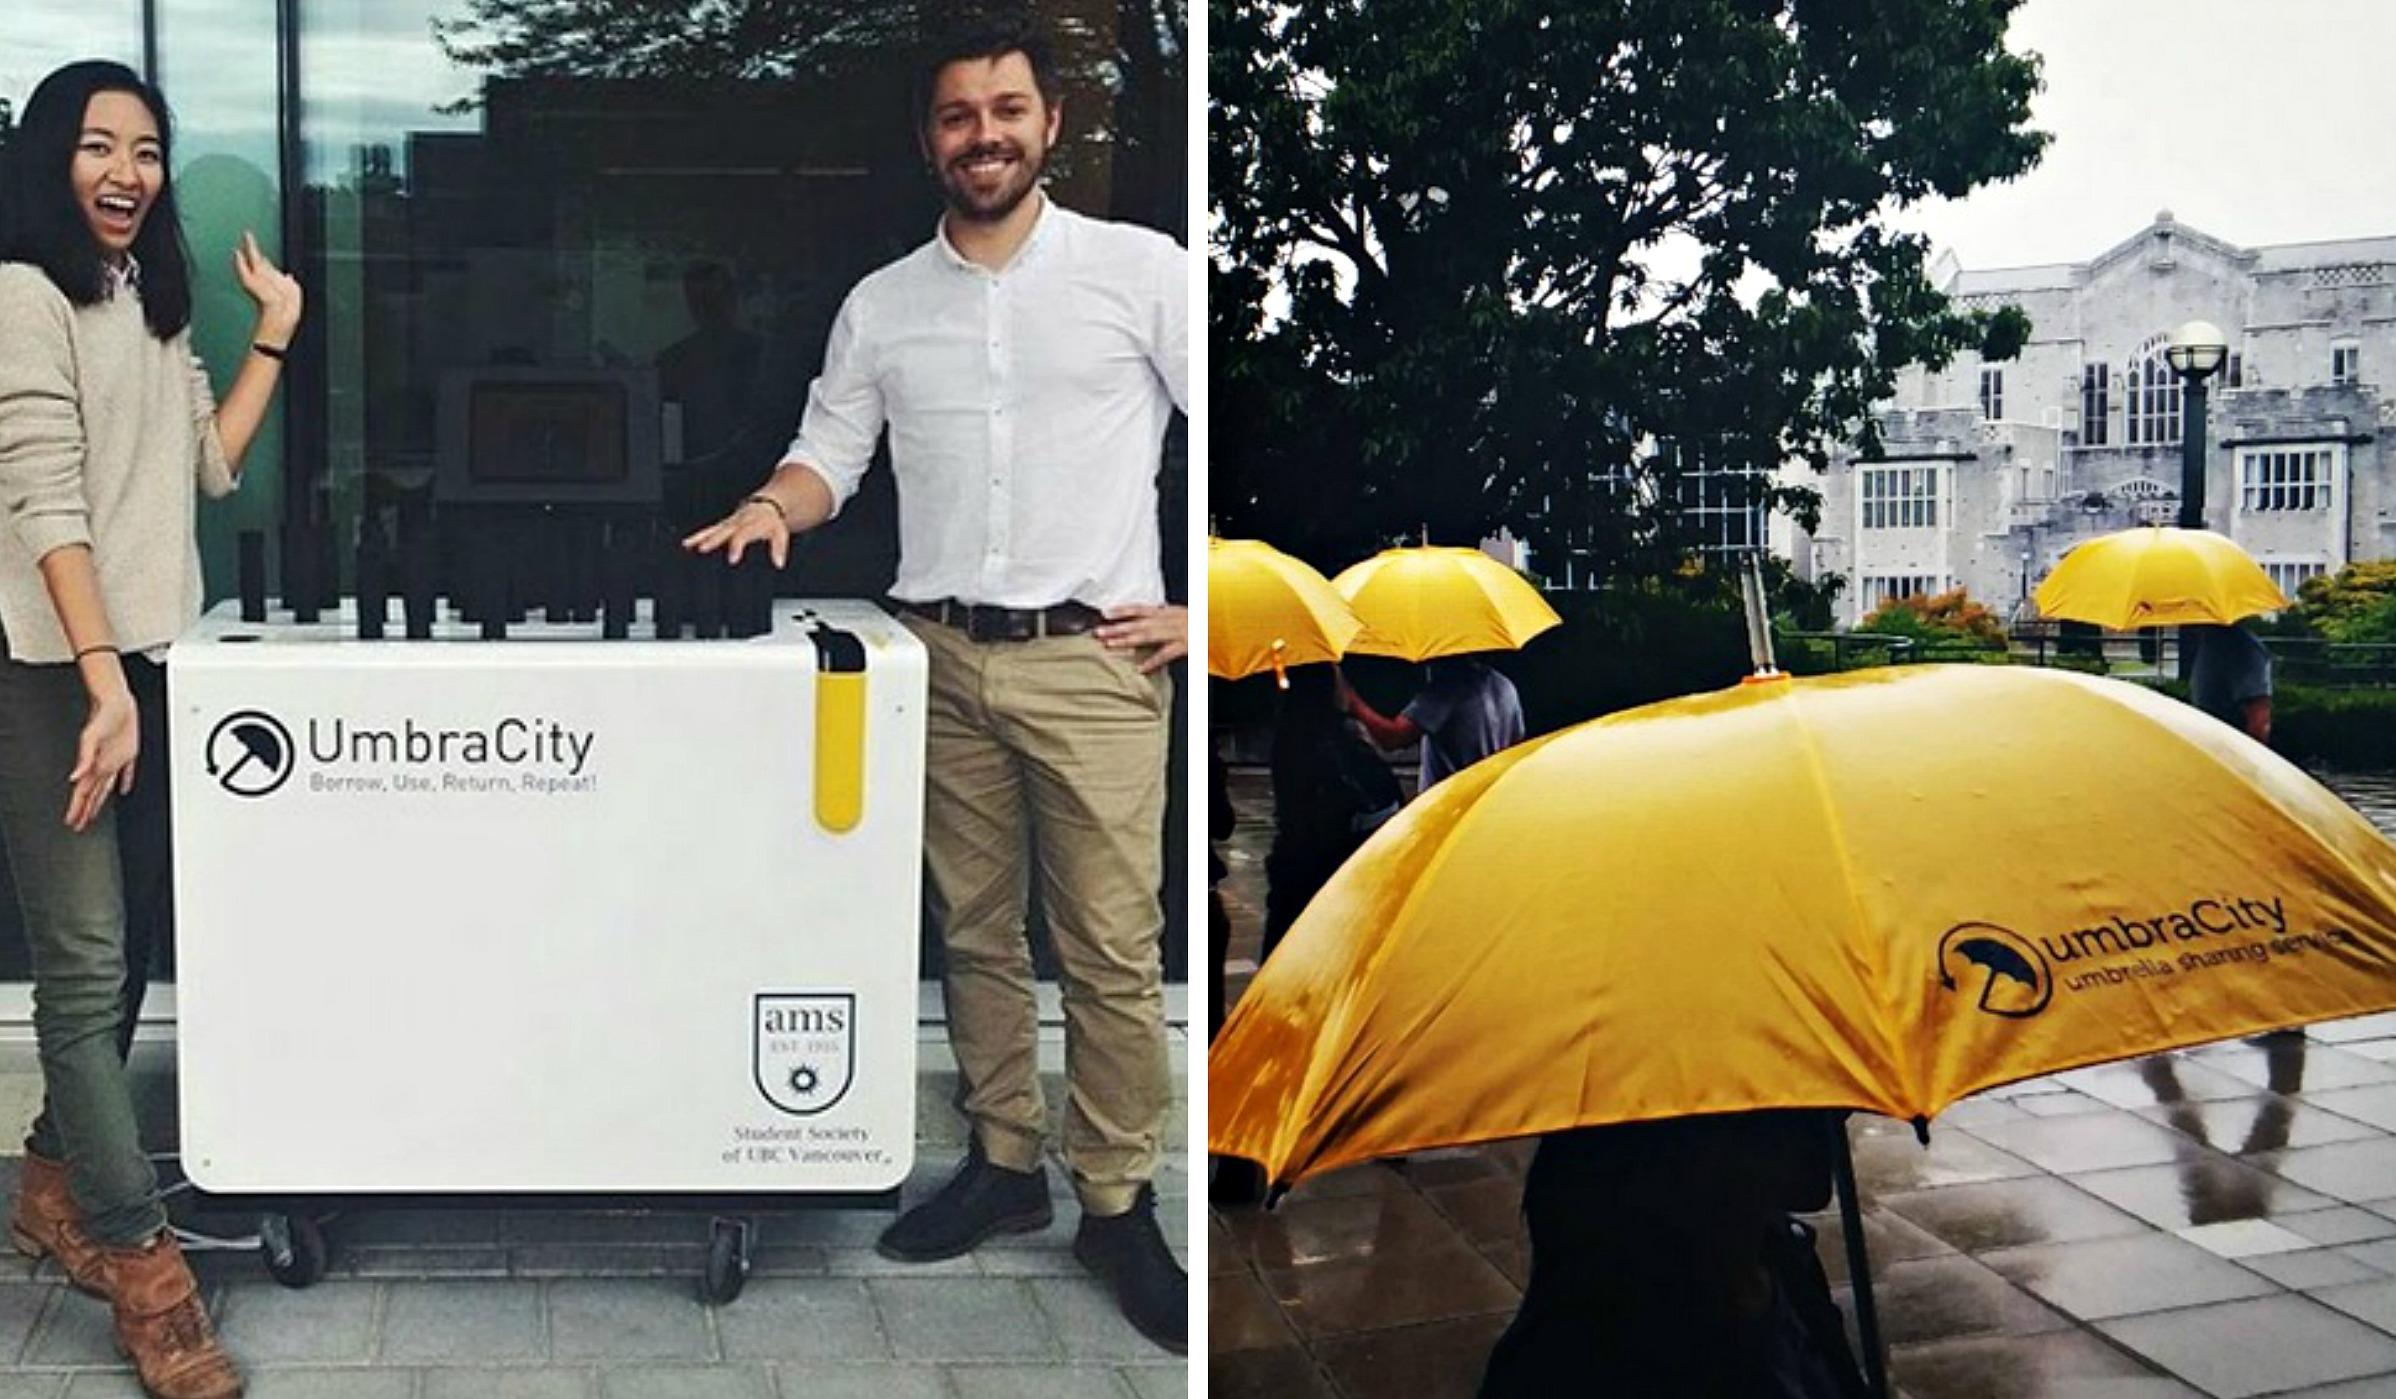 UmbraCity, umbrella share program, rental umbrellas